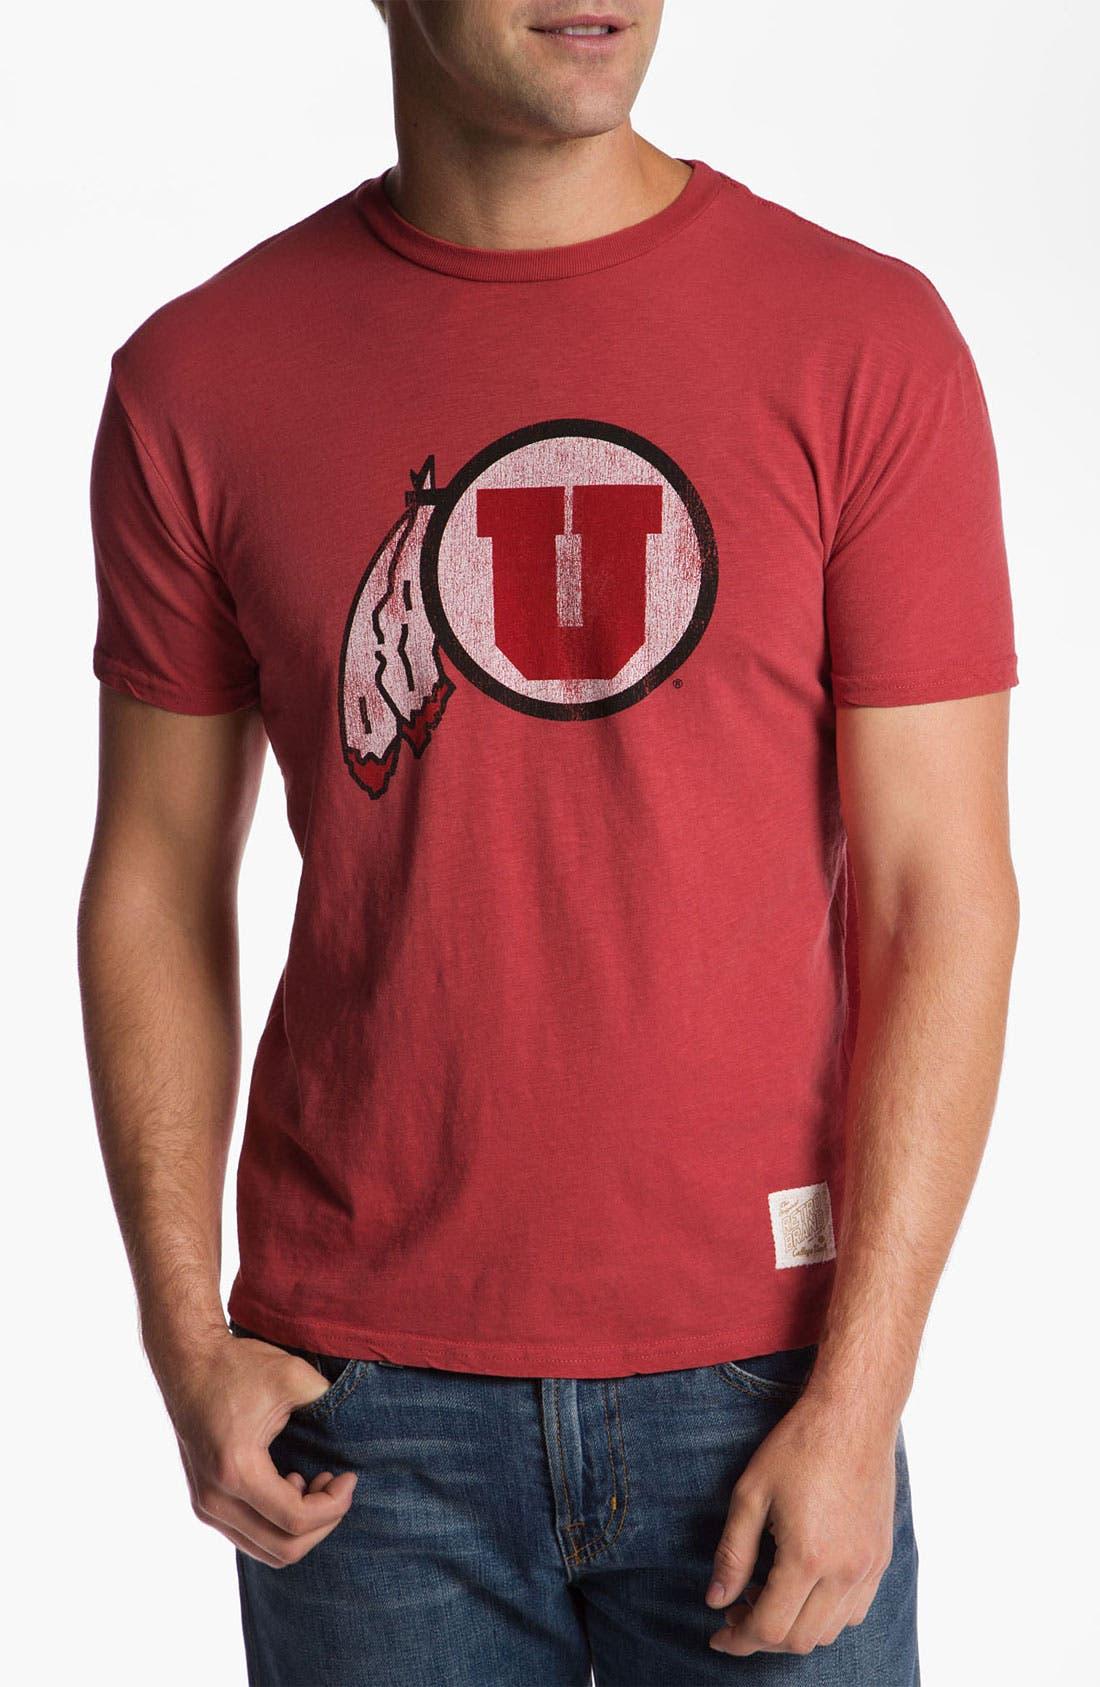 Alternate Image 1 Selected - The Original Retro Brand 'University of Utah' T-Shirt